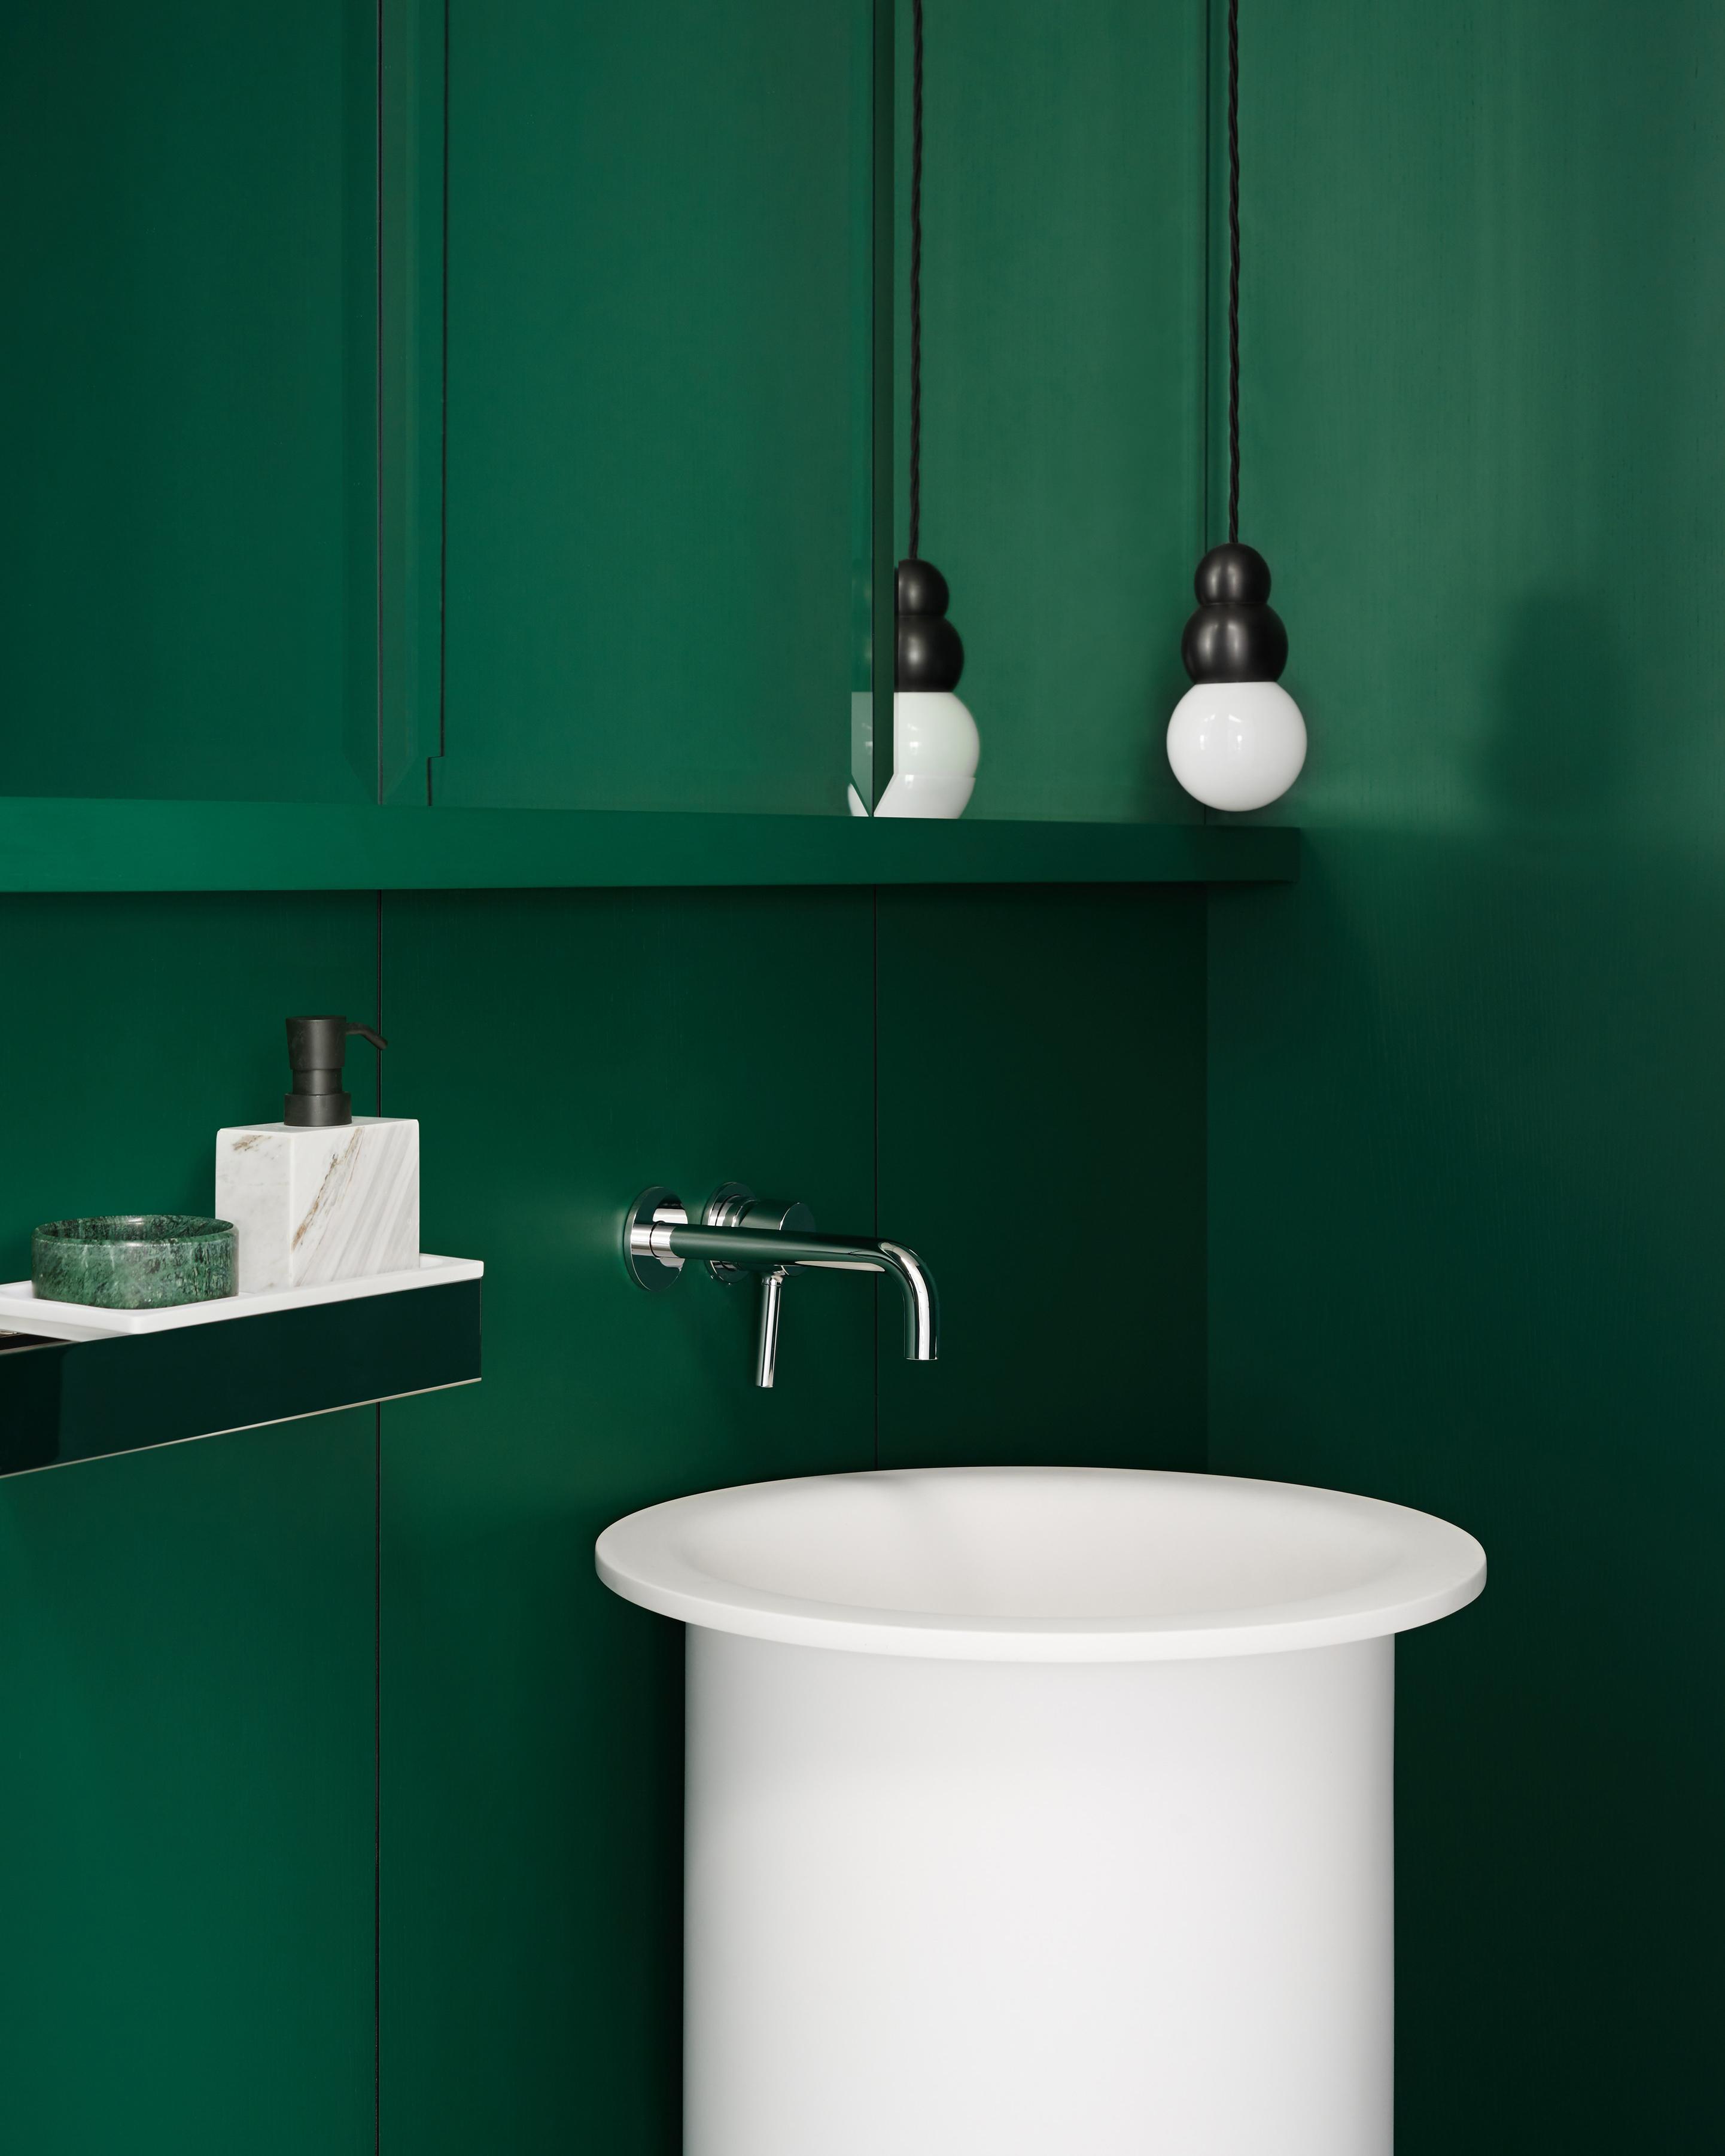 Verde-Tendenze-colore-2018-Addessi-Store1